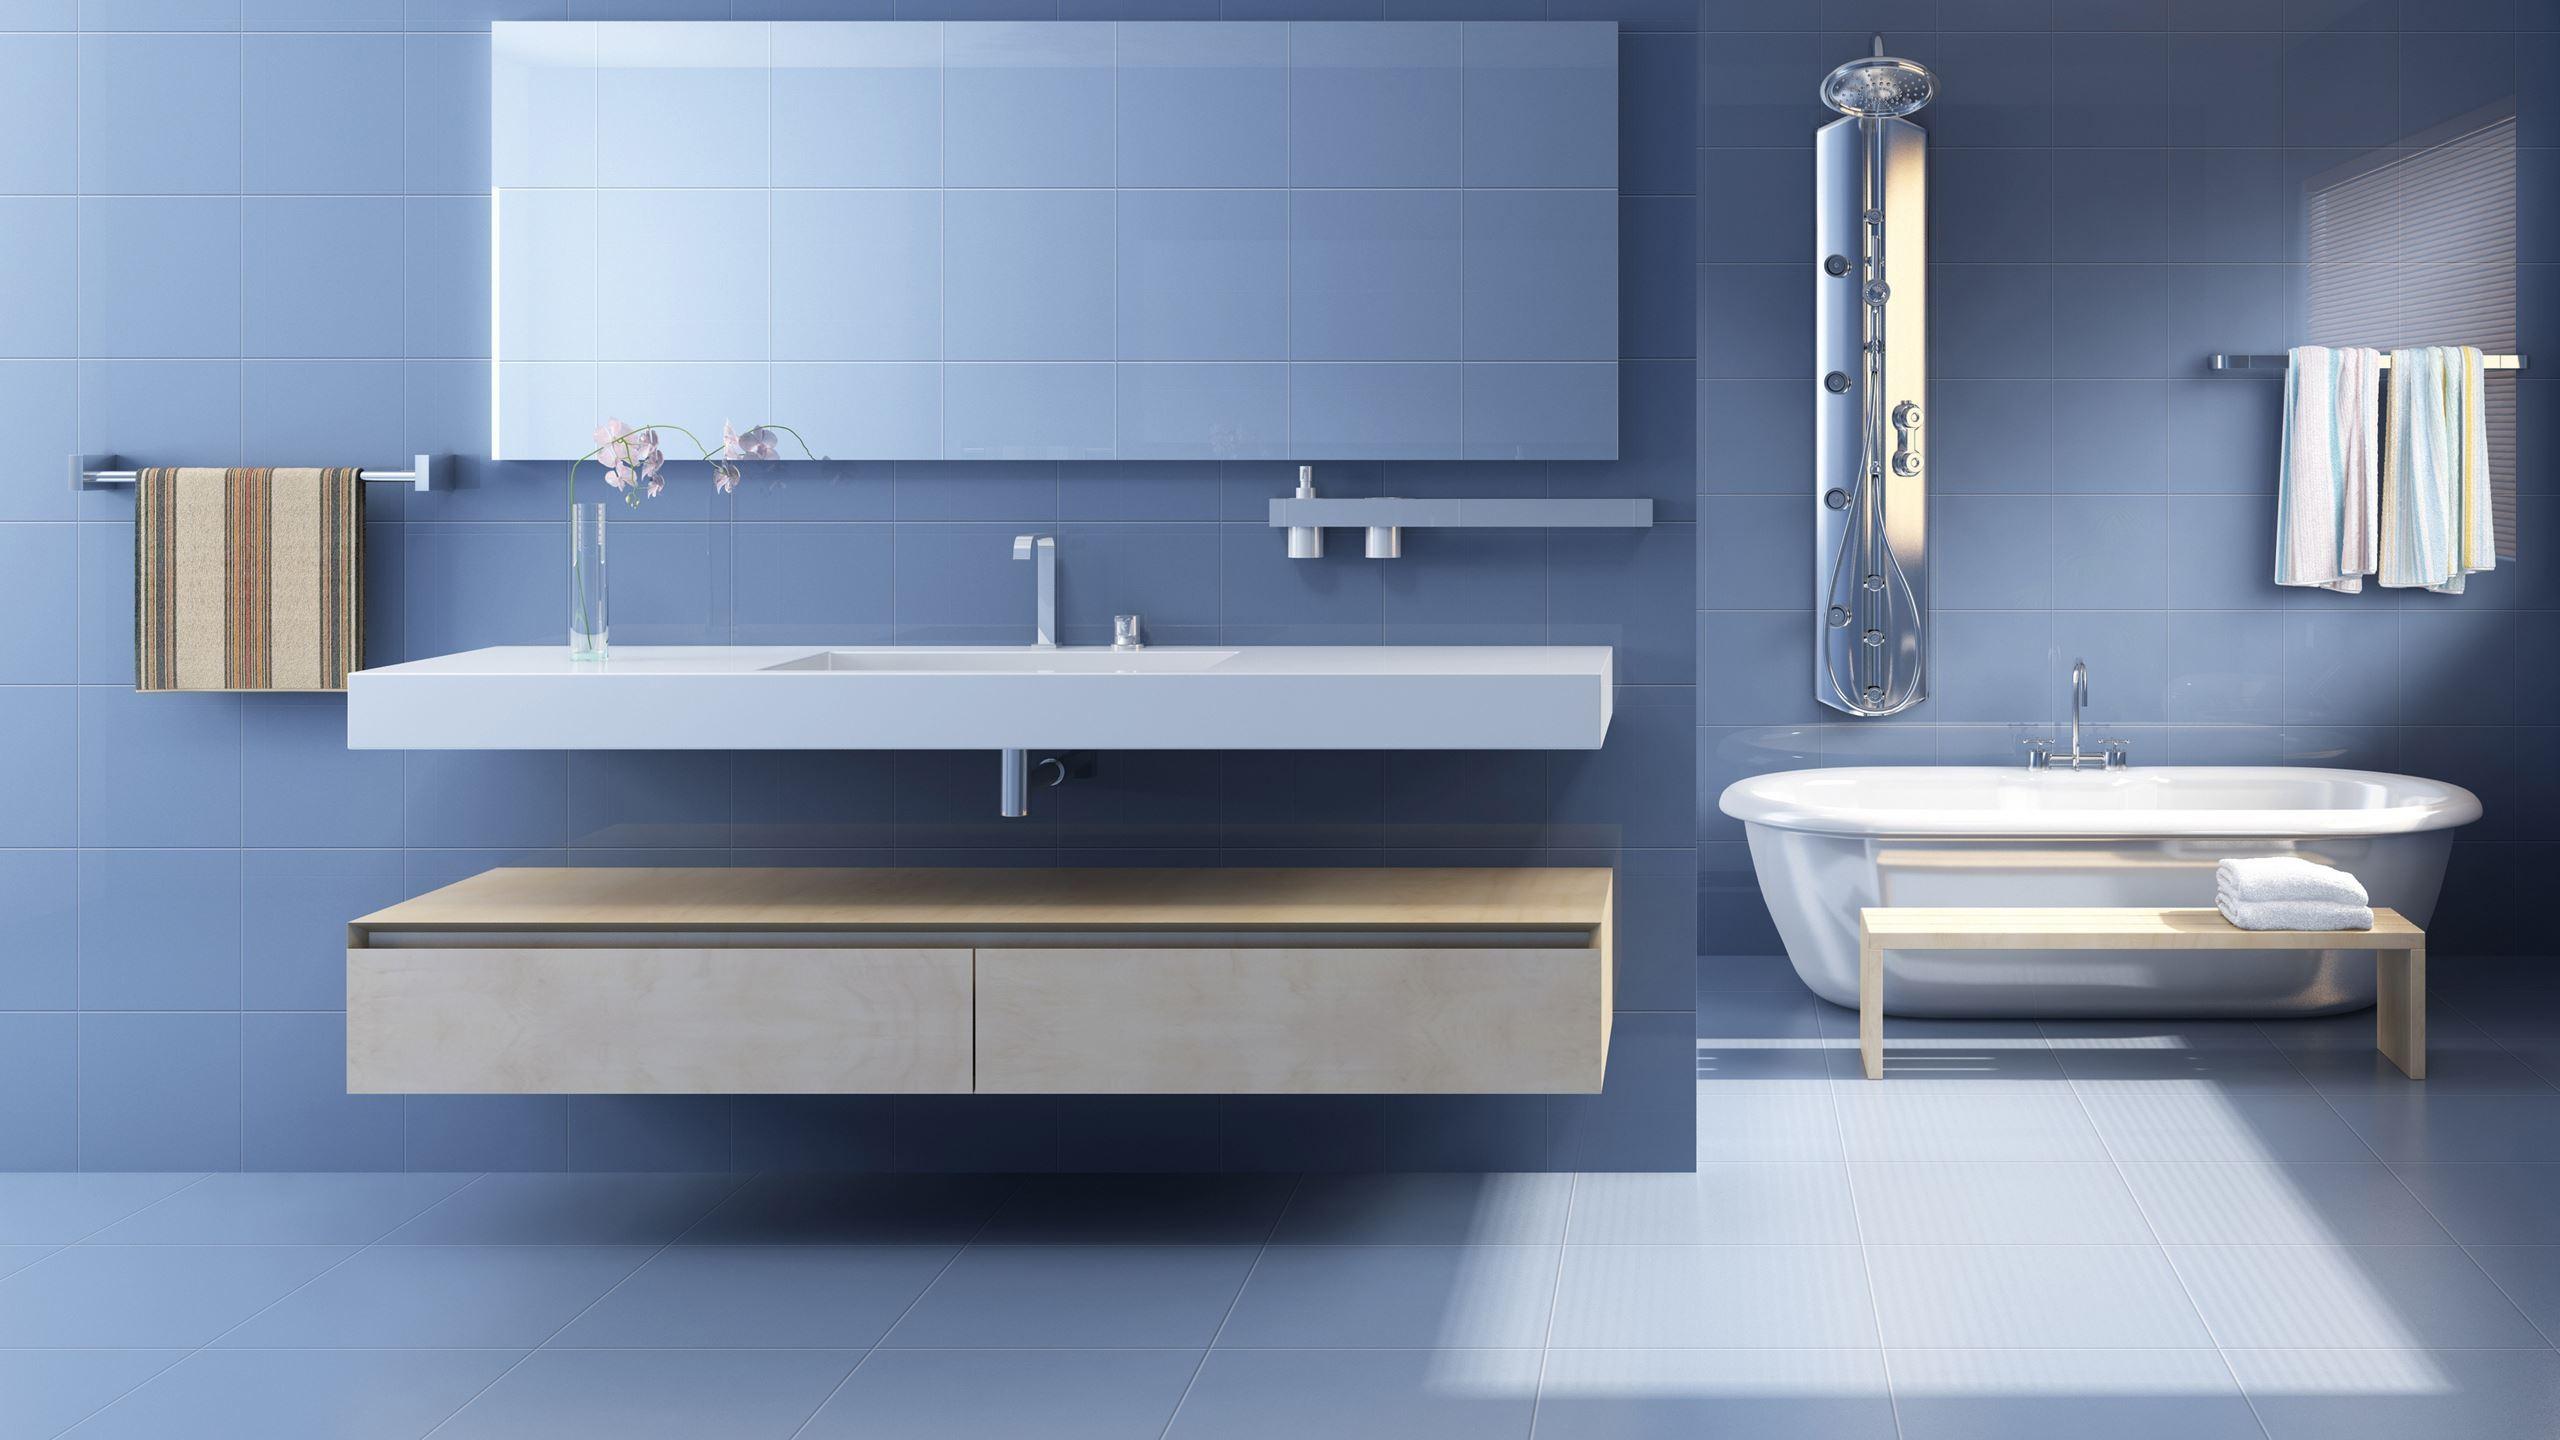 simple-modern-bathroom-blue-tub-shower-2560x1440.jpg